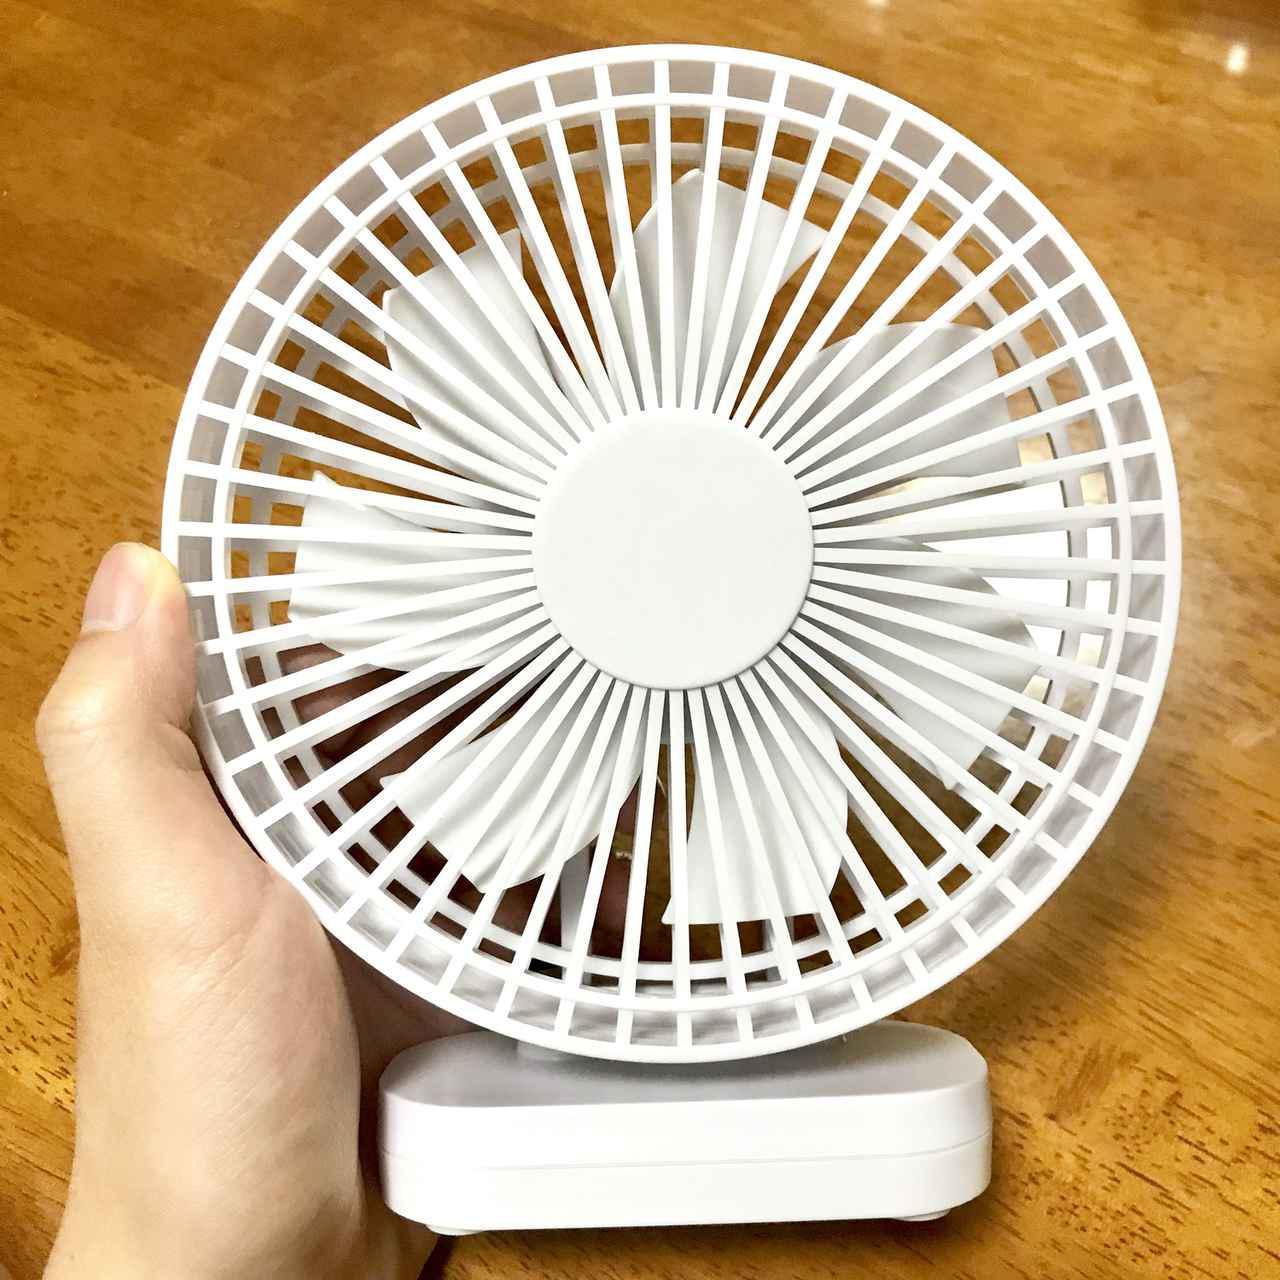 画像: 【ポータブル扇風機置き型タイプ】携帯扇風機(ポータブルファン)のメリット・デメリット テント内用や風量重視の人におすすめ